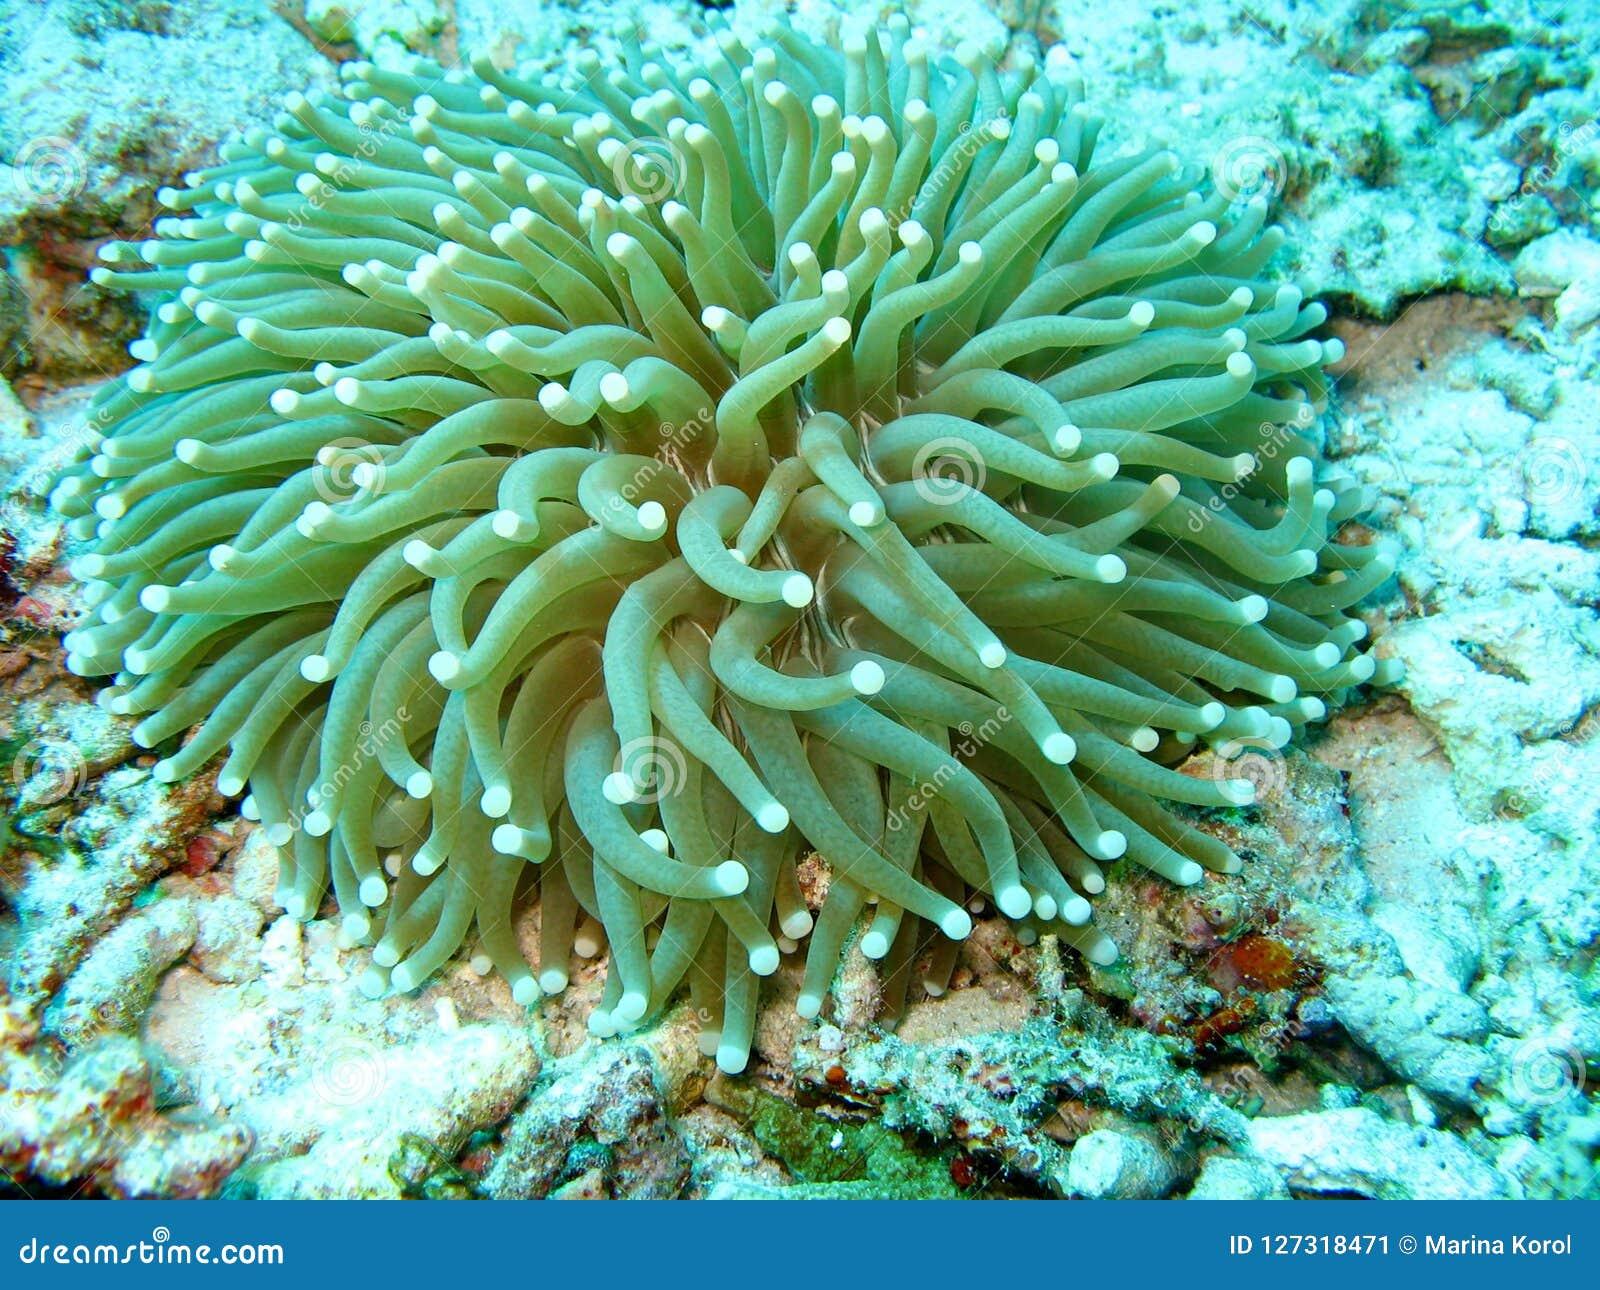 De foto van de zeeanemoon De overzeese installatie heeft veel tentakels van blauwe kleur De koralen zijn rond de installatie